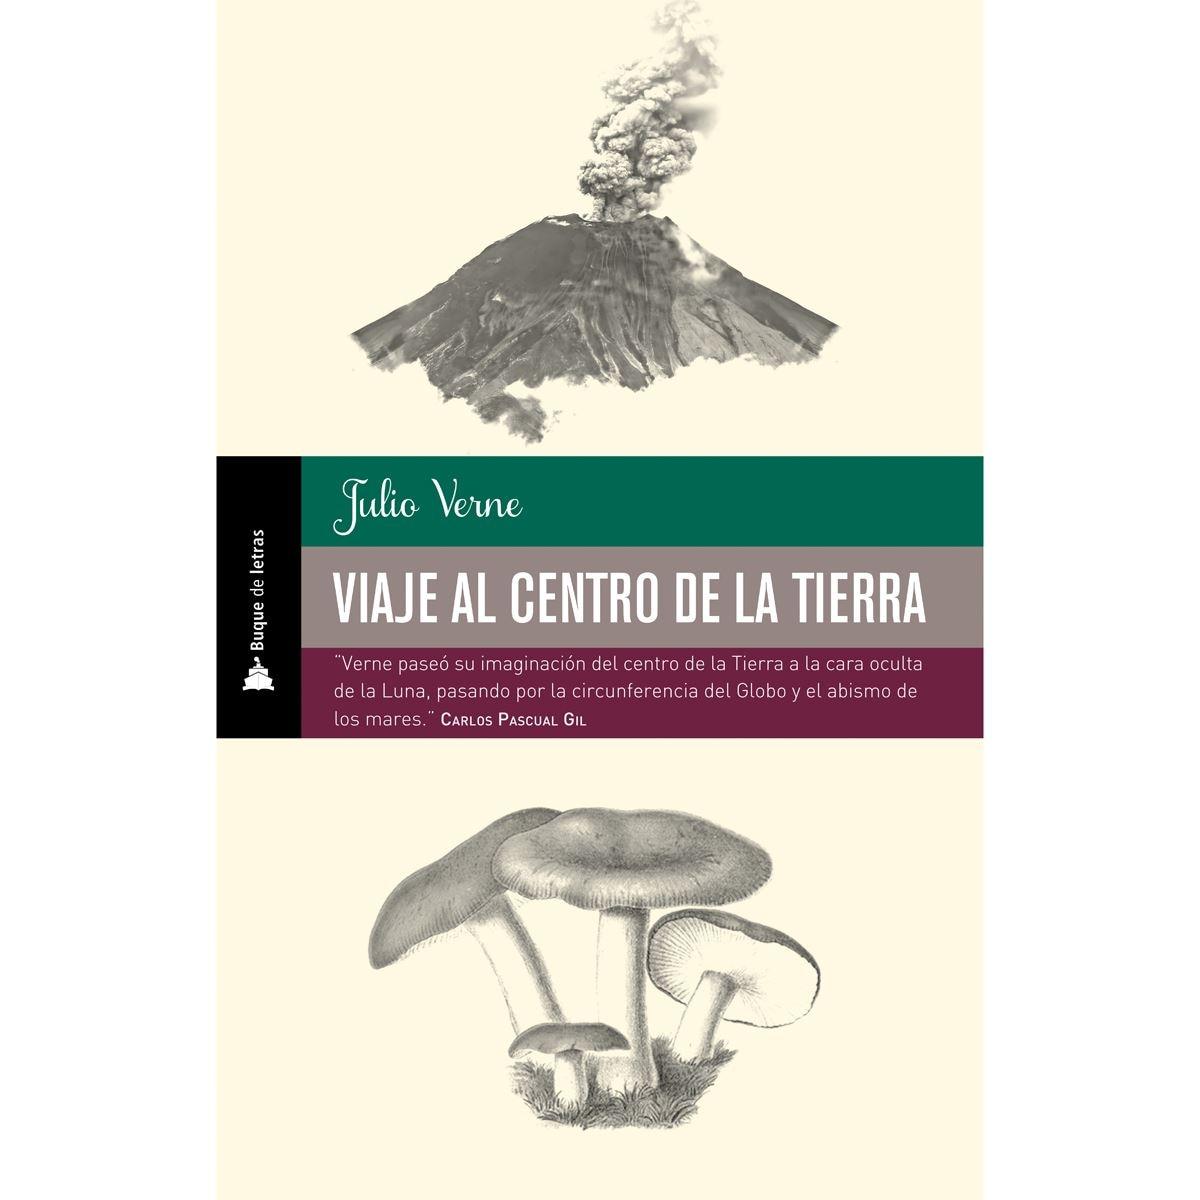 Viaje al centro de la tierra Libro - Sanborns